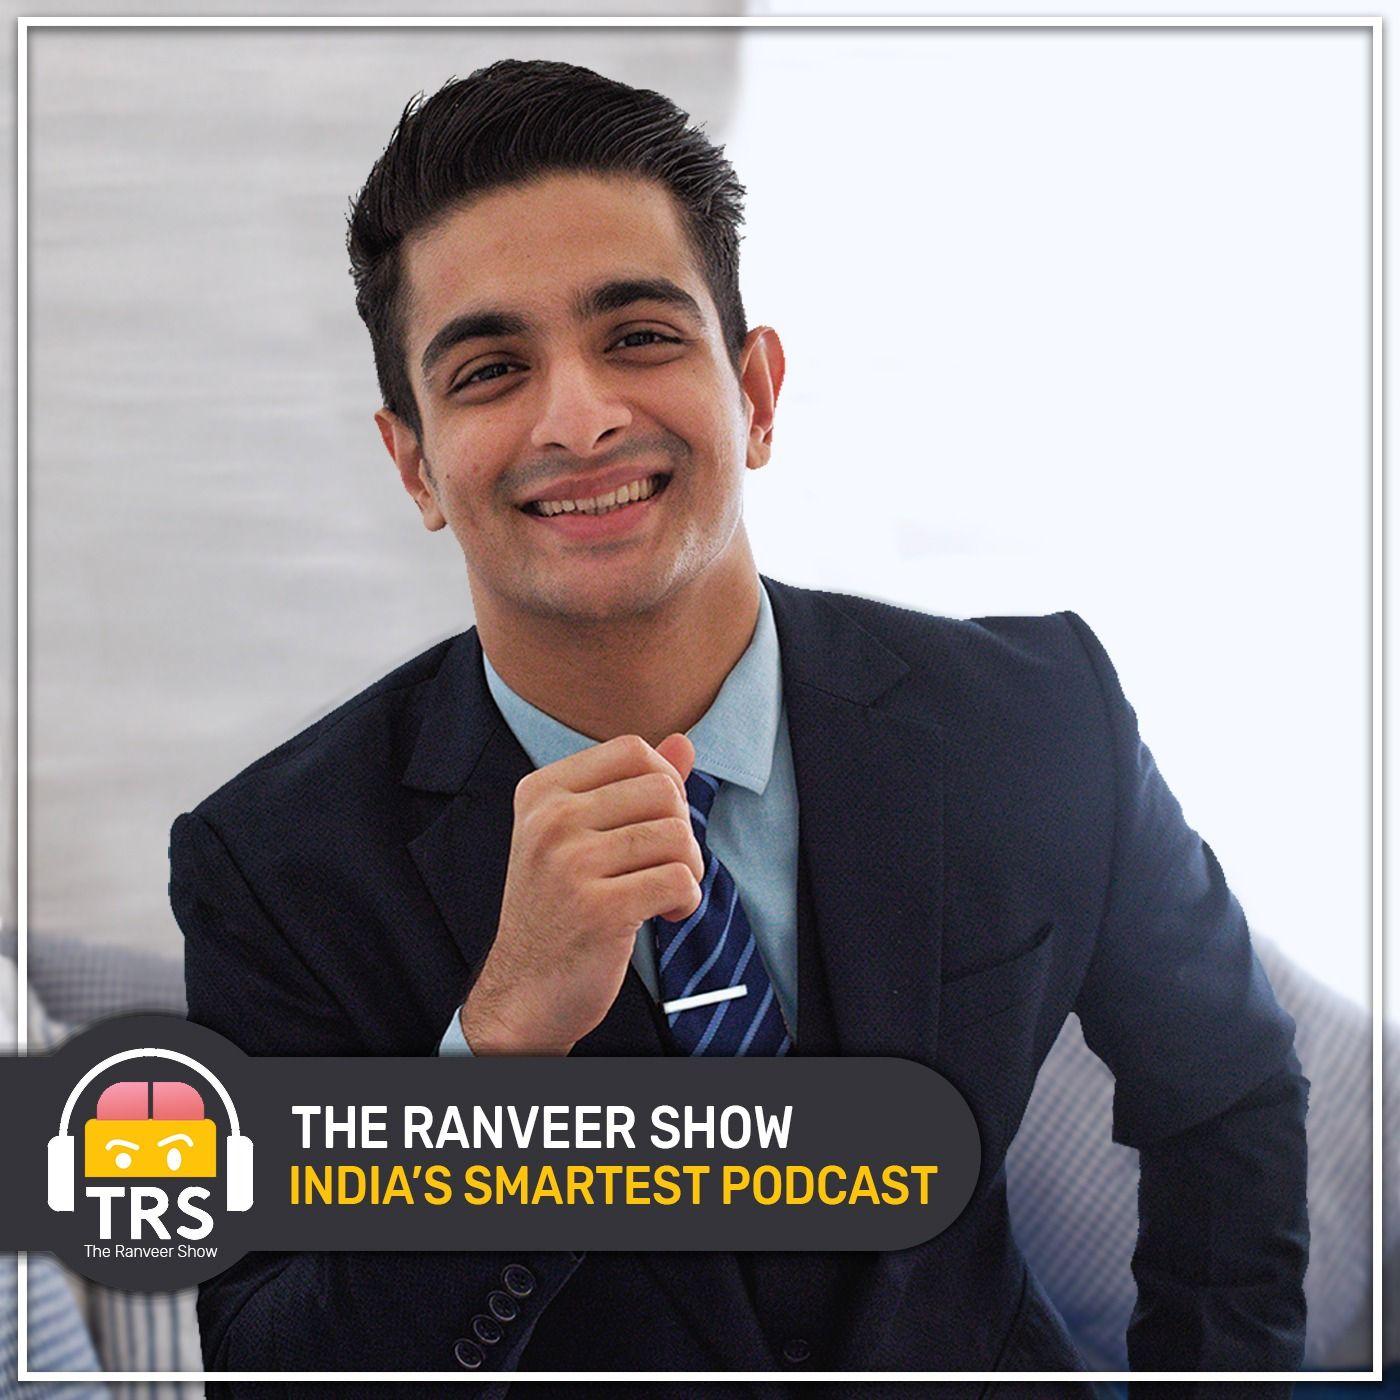 The Ranveer Show